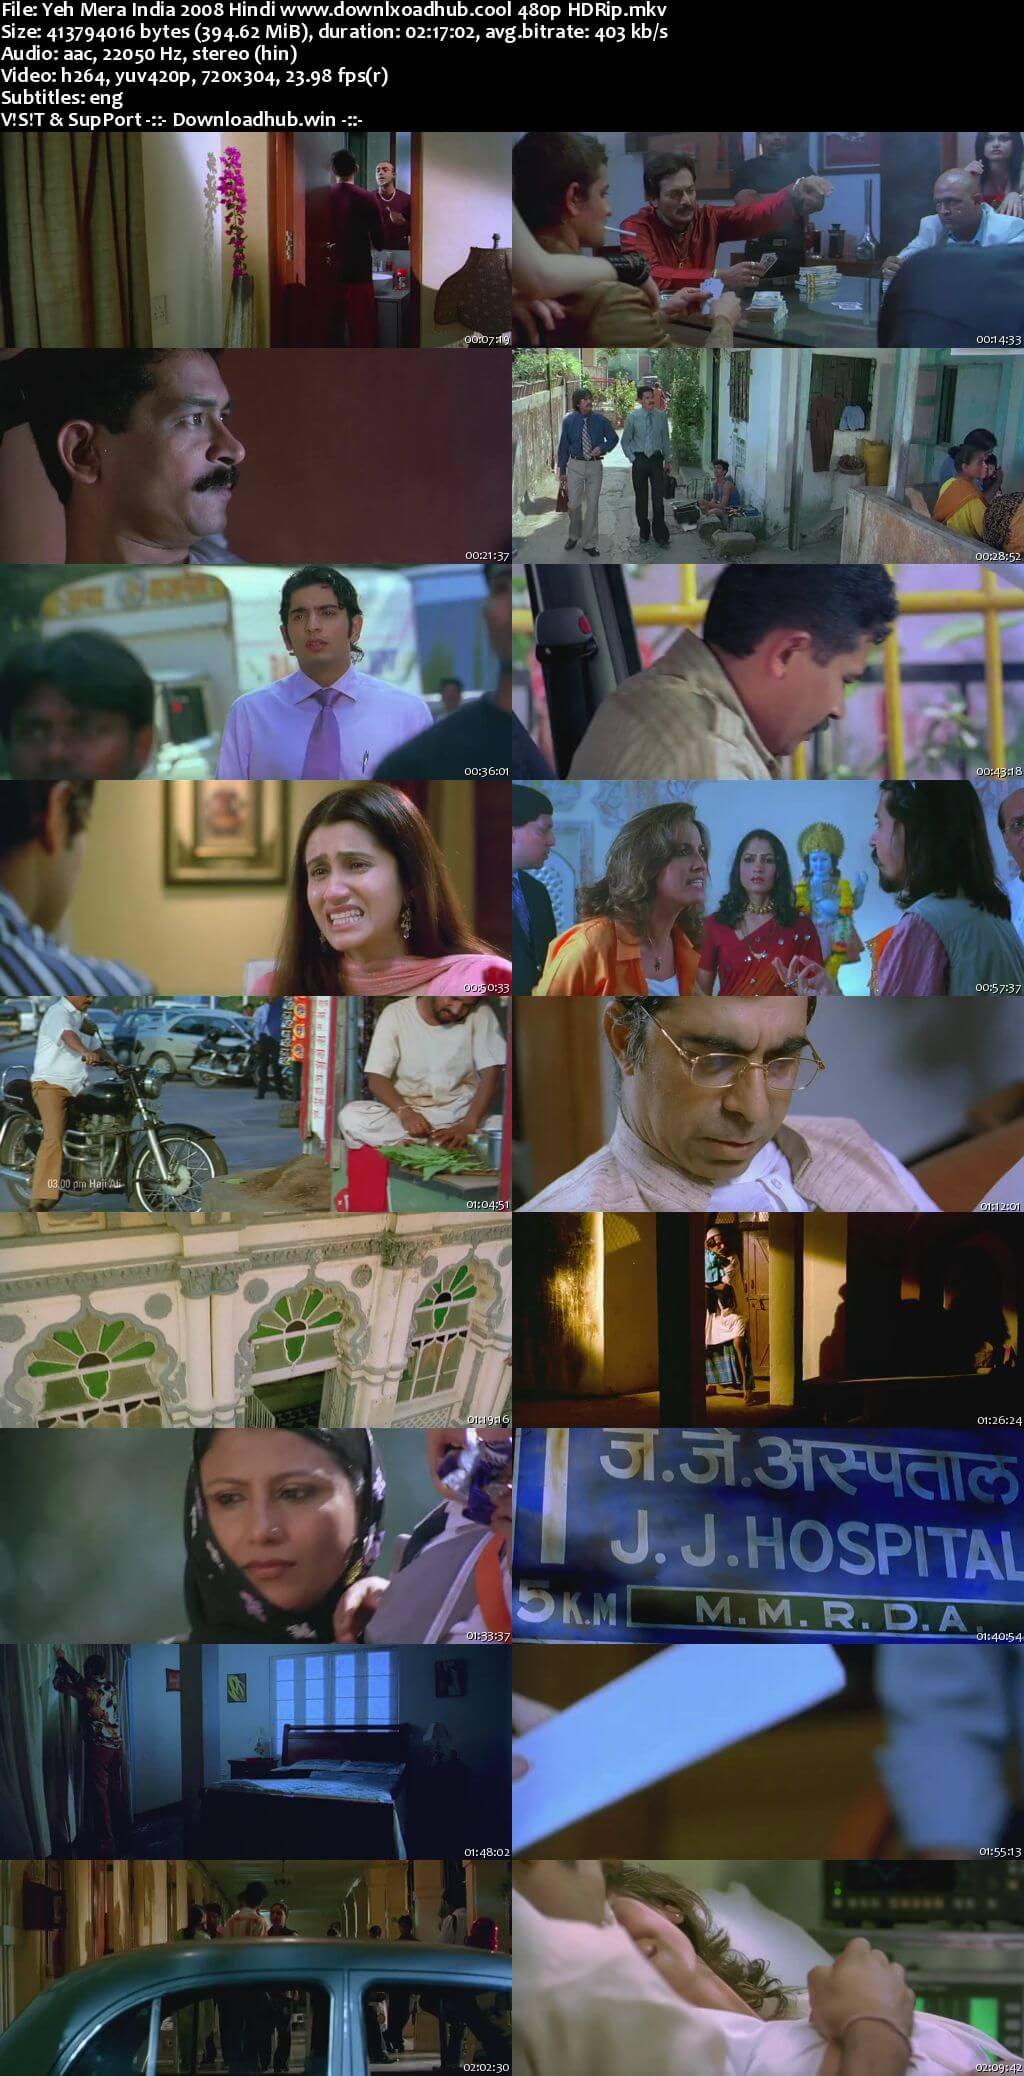 Yeh Mera India 2008 Hindi 400MB HDRip 480p ESubs